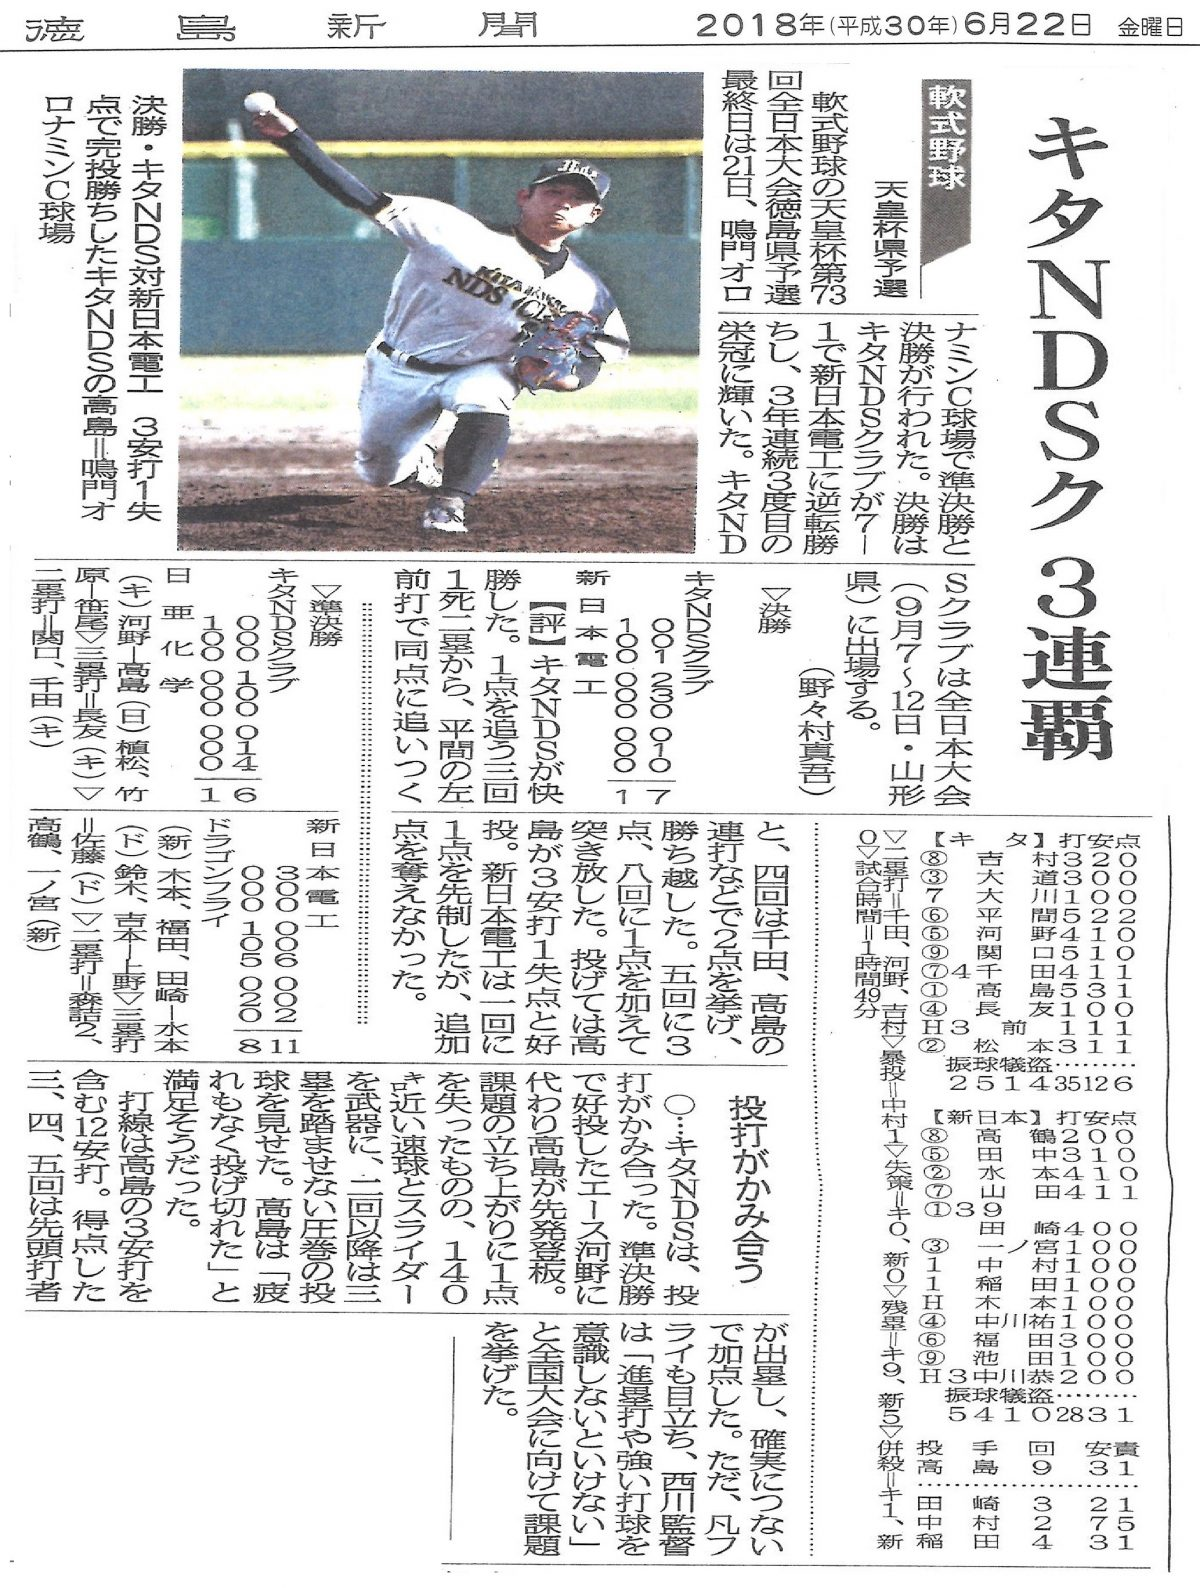 """徳島新聞に""""キタNDSクラブ3連覇""""の記事が掲載されました"""